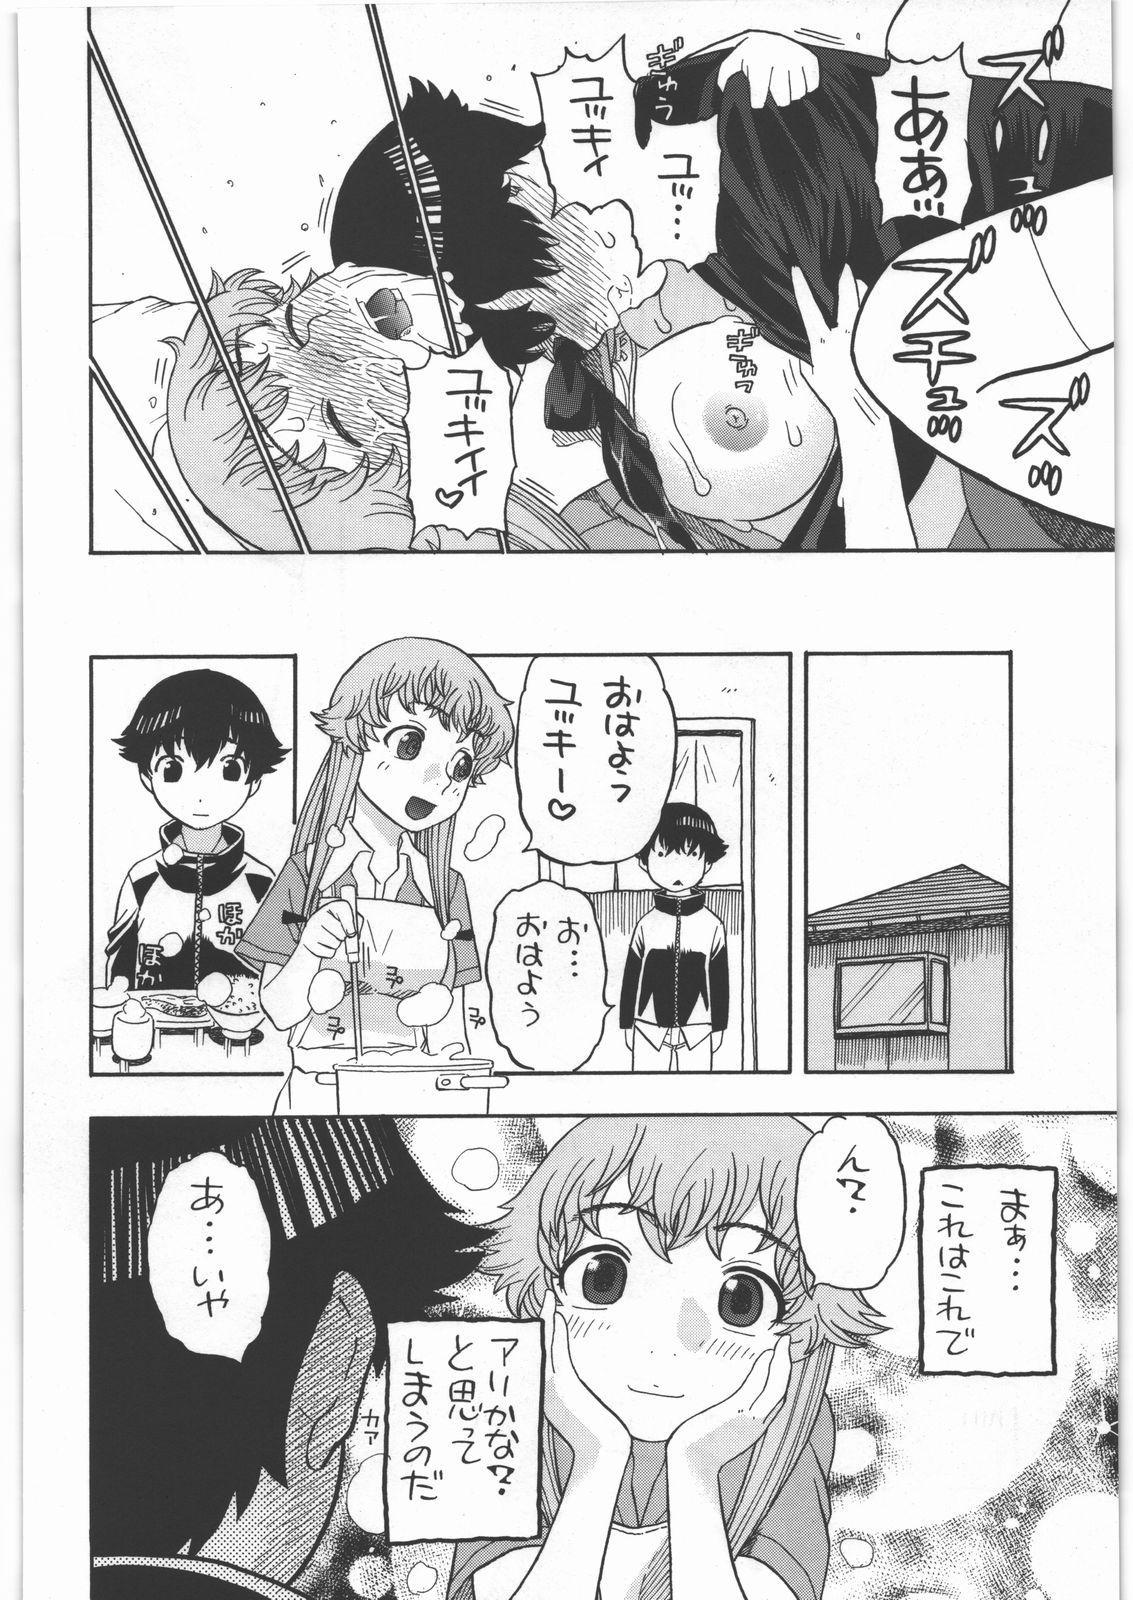 Yuno no Happy End Flag 22